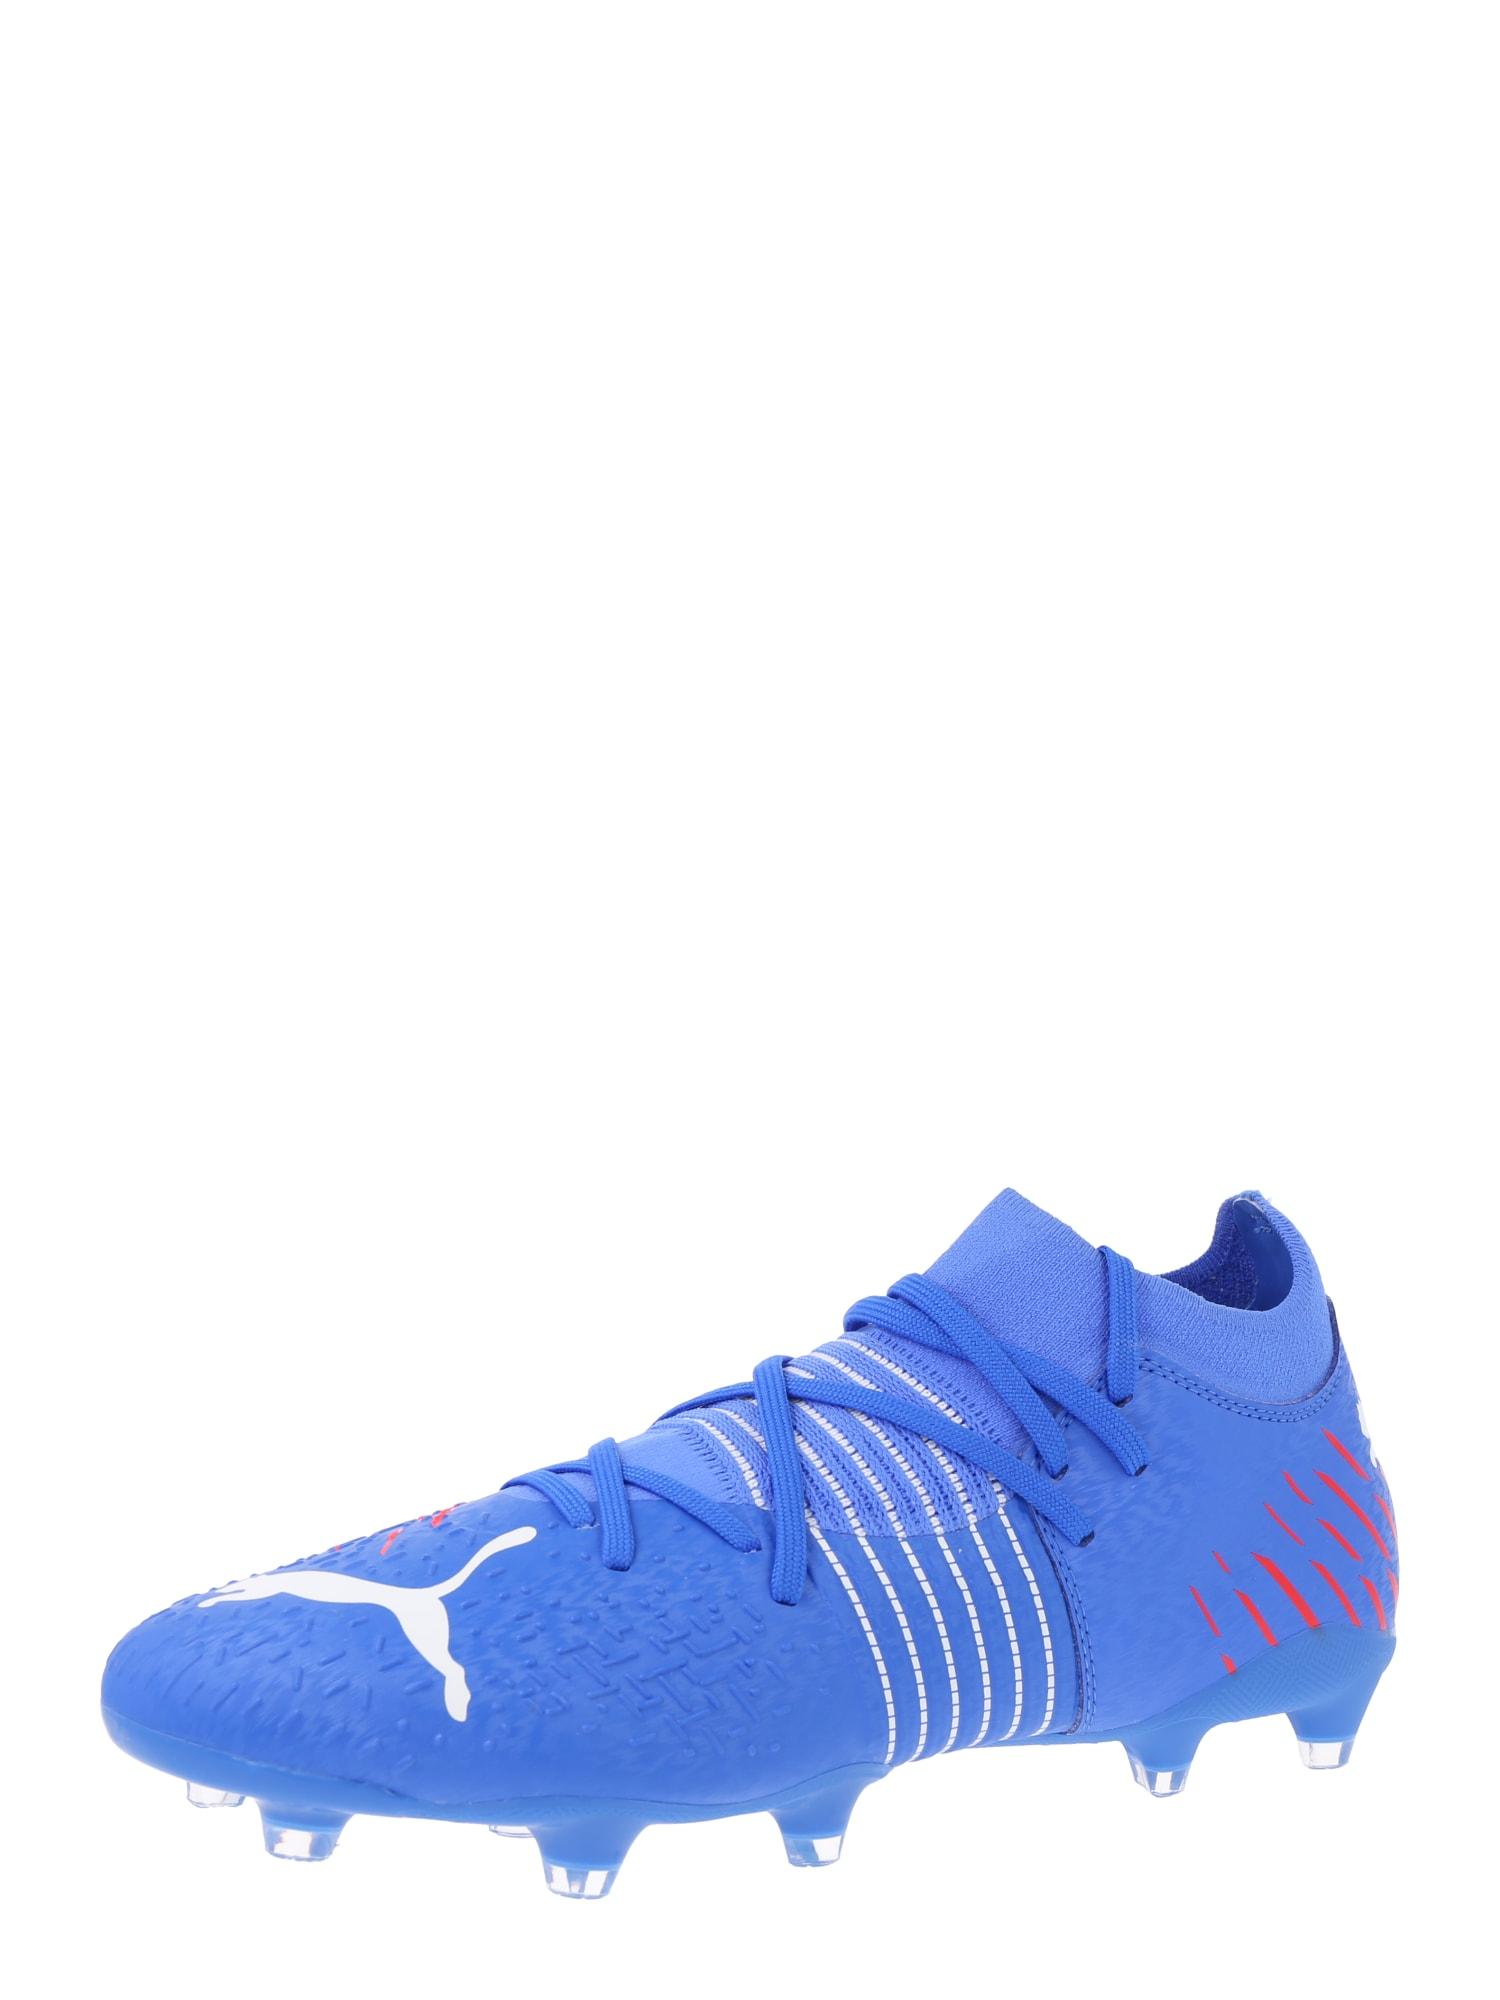 PUMA Scarpa da calcio 'Future Z 3.2'  blu reale / bianco / rosso male shop the look